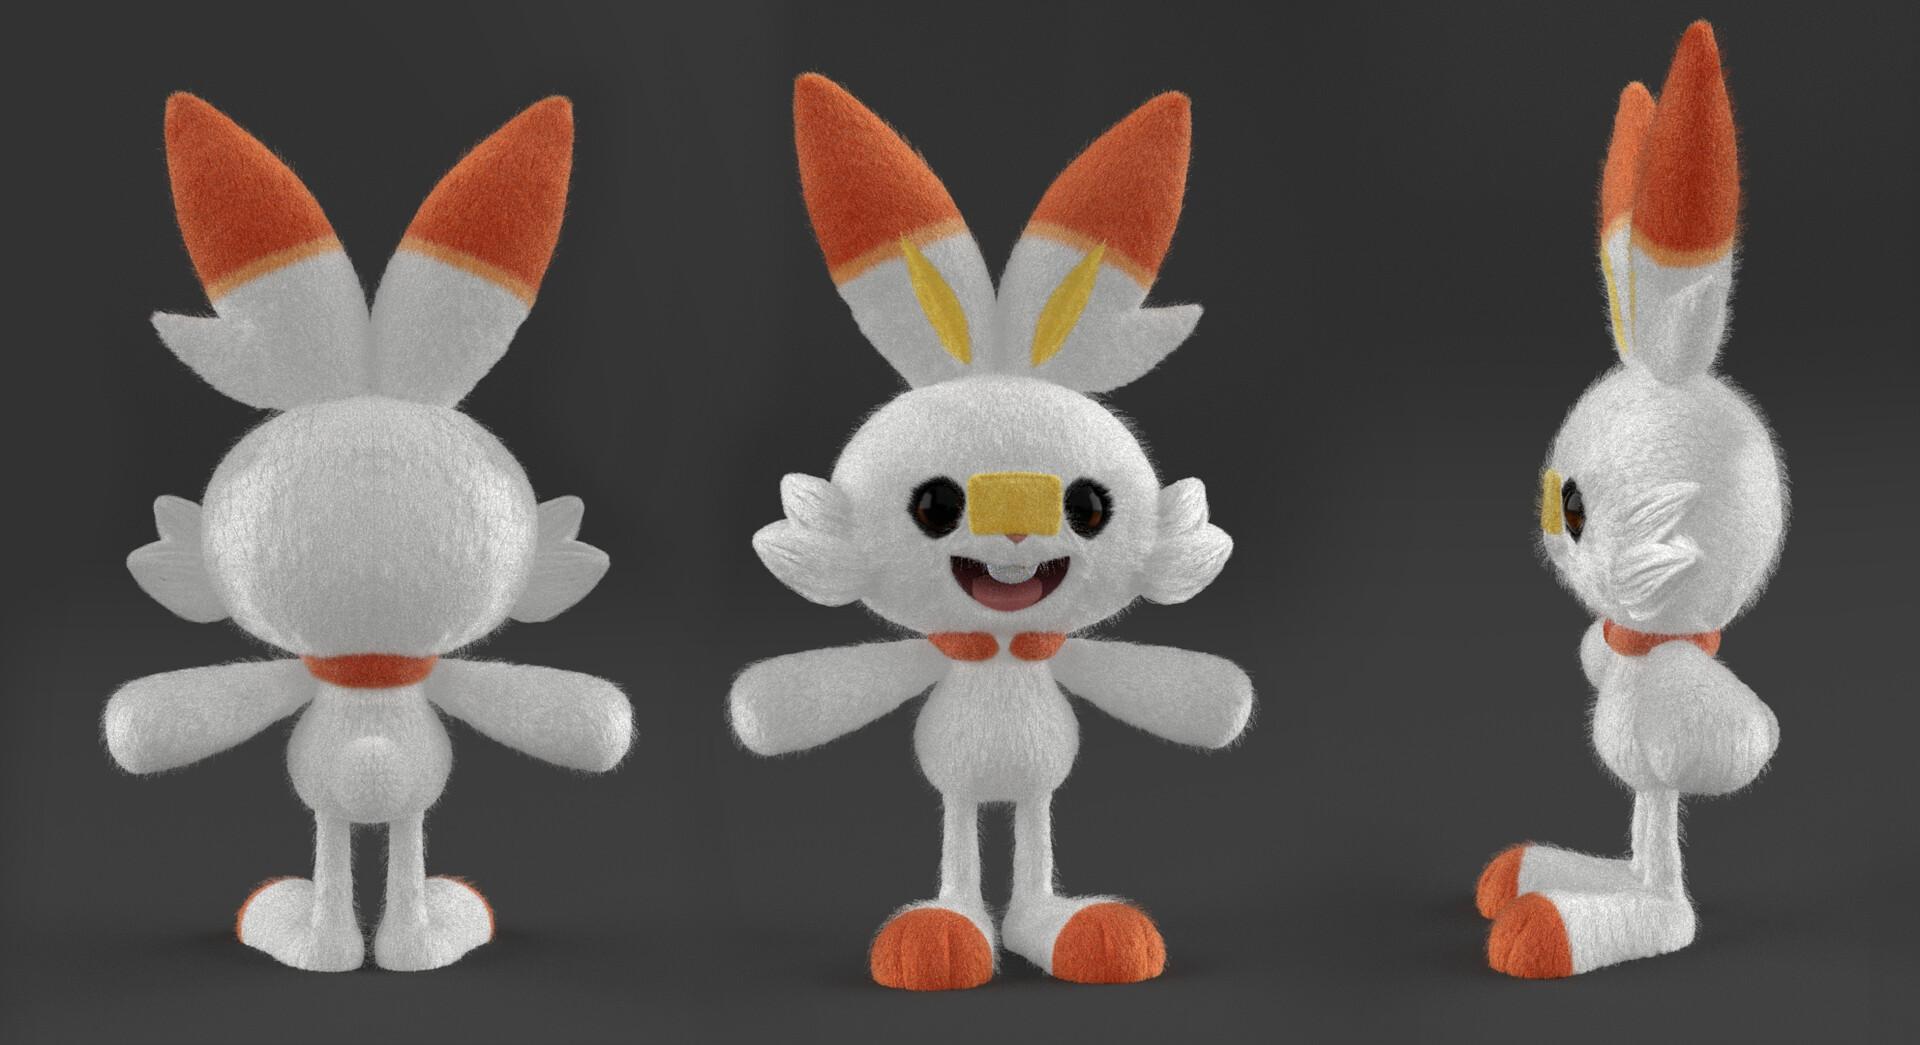 Nuevos objetos, Pokémon Gigamax y otras novedades de Pokémon Espada y Escudo